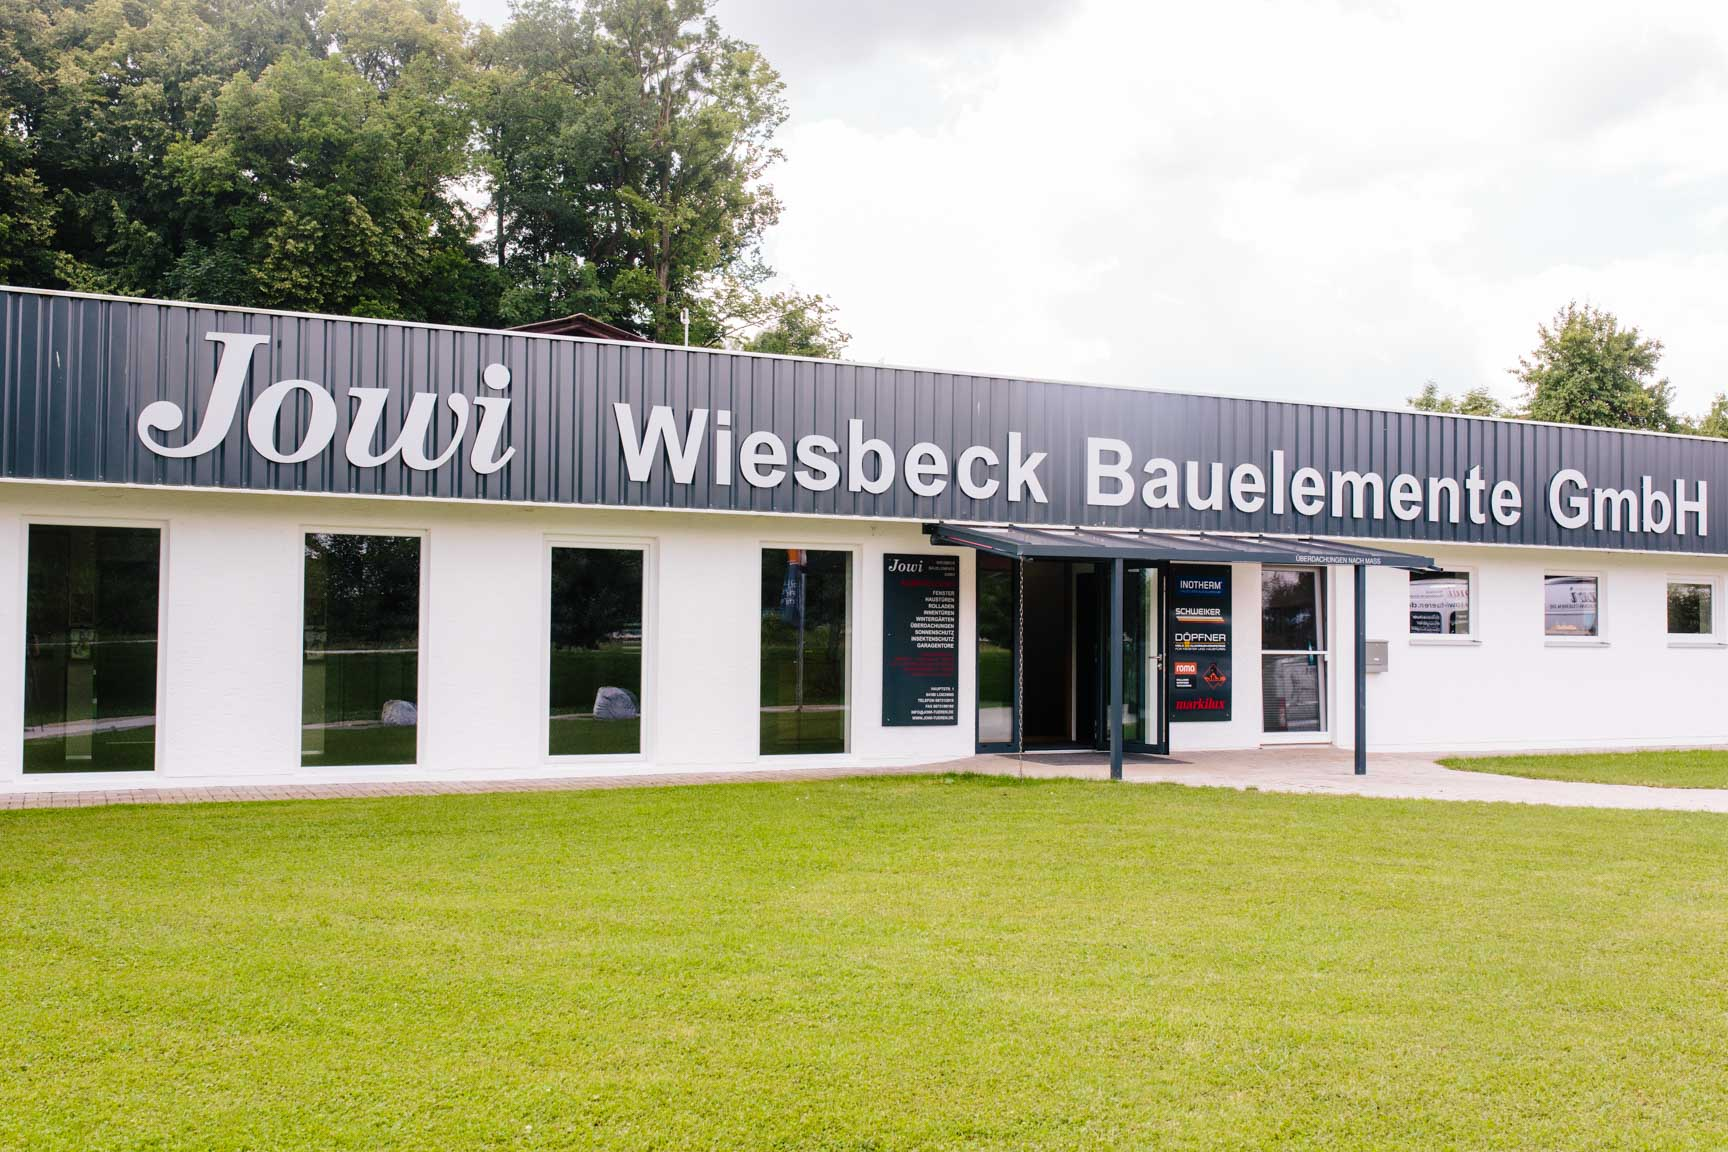 Jowi – Wiesbeck Bauelemente GmbH